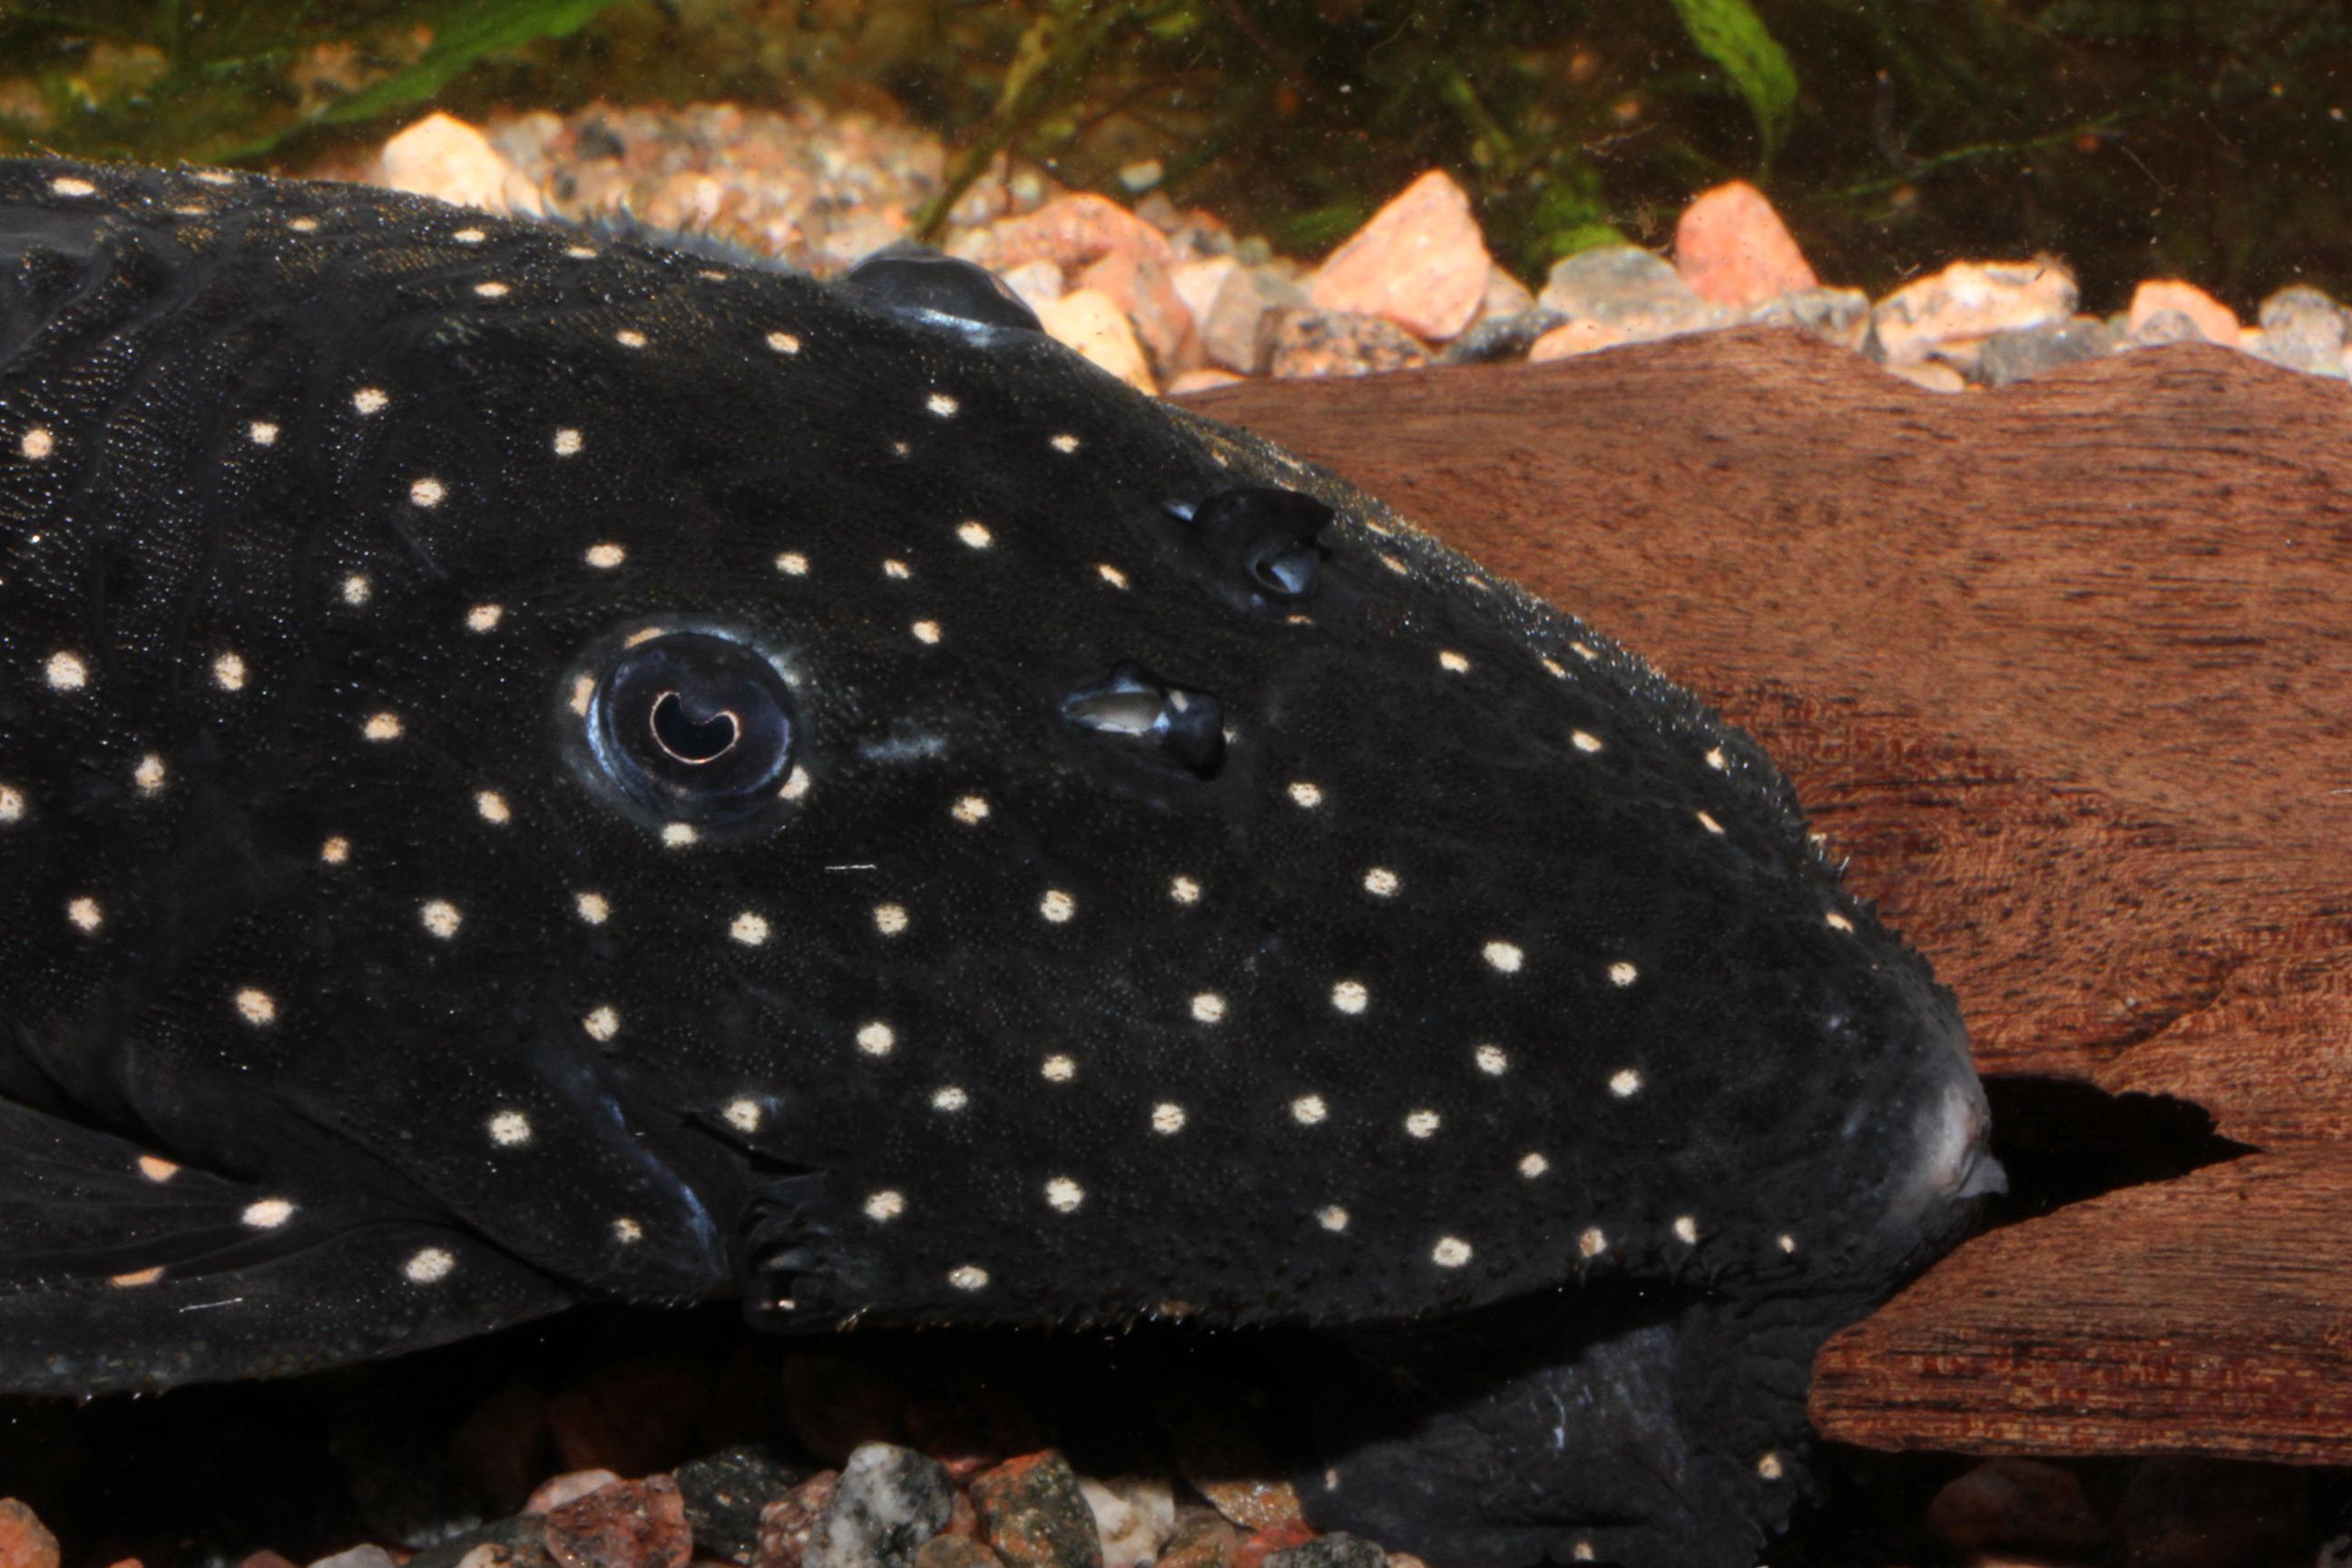 Leporacanthicus sp. L241